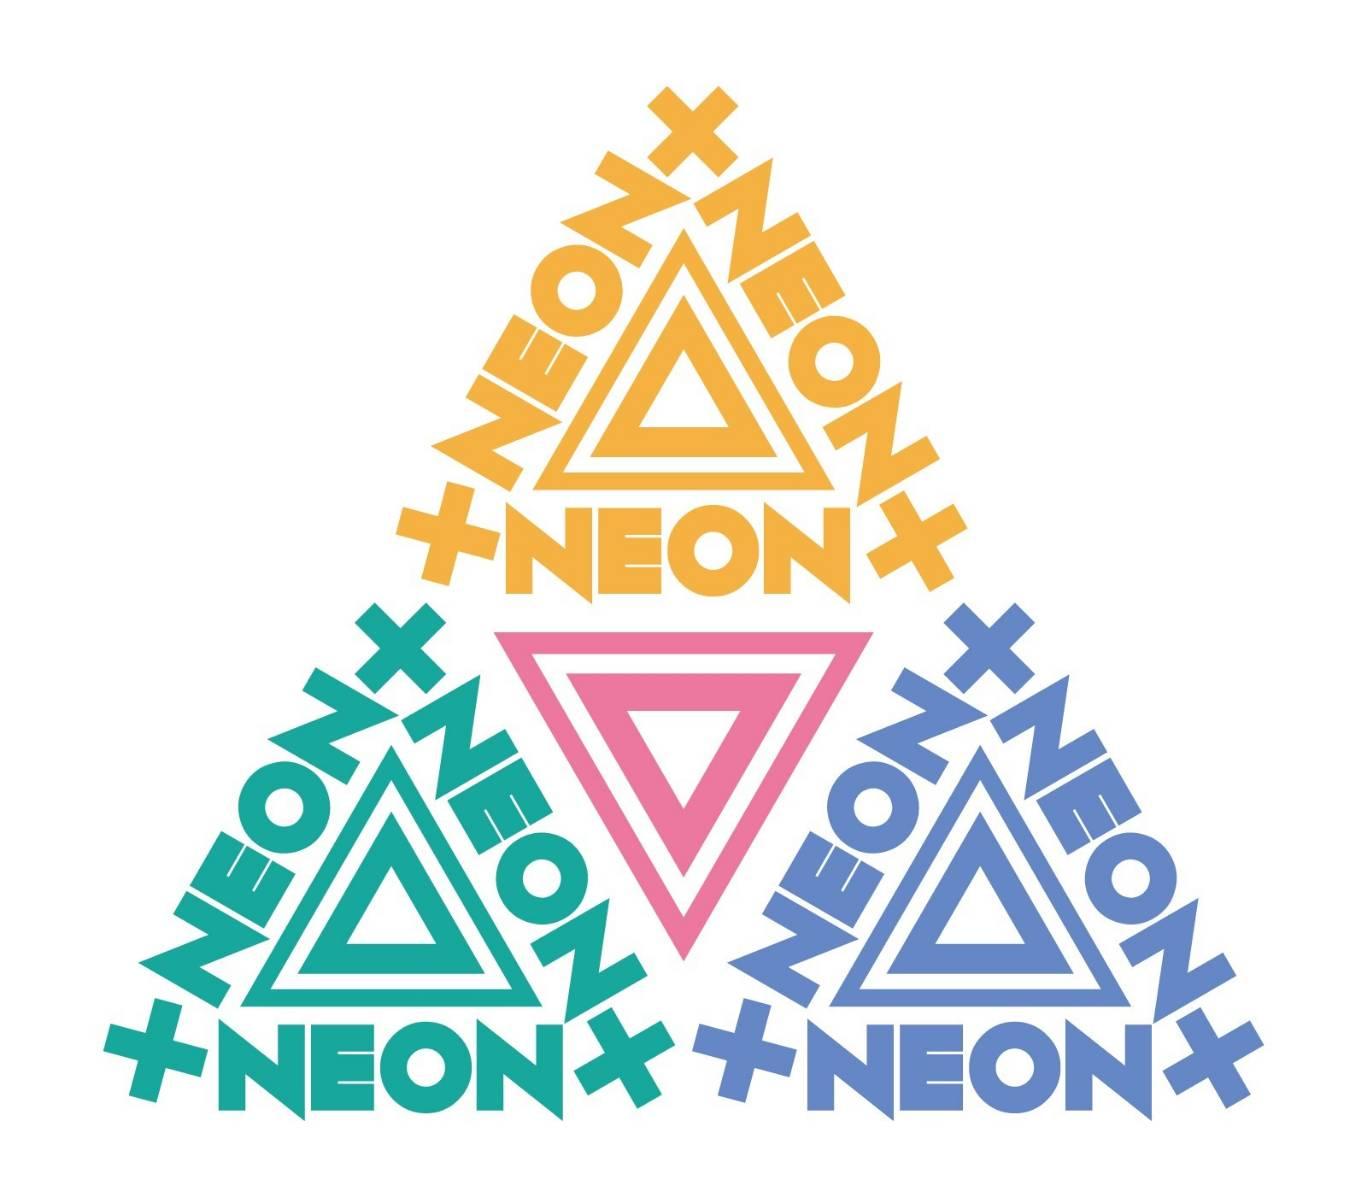 2019年7月30日(火) 『NEON×NEON×NEON〜デュエル・ザ・NEON』